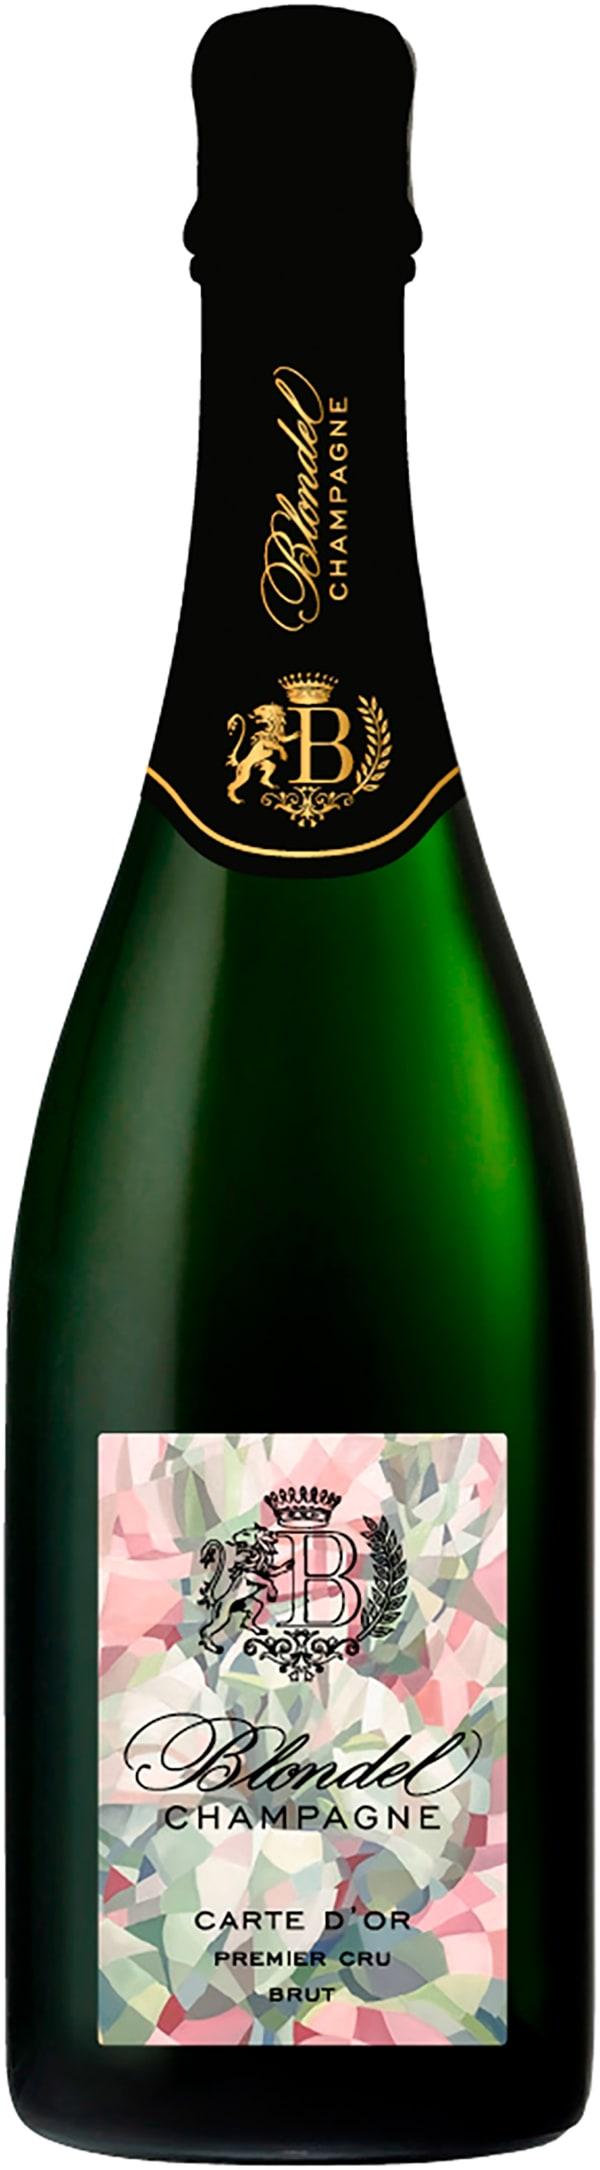 Blondel Premier Cru Carte d'Or Champagne Brut